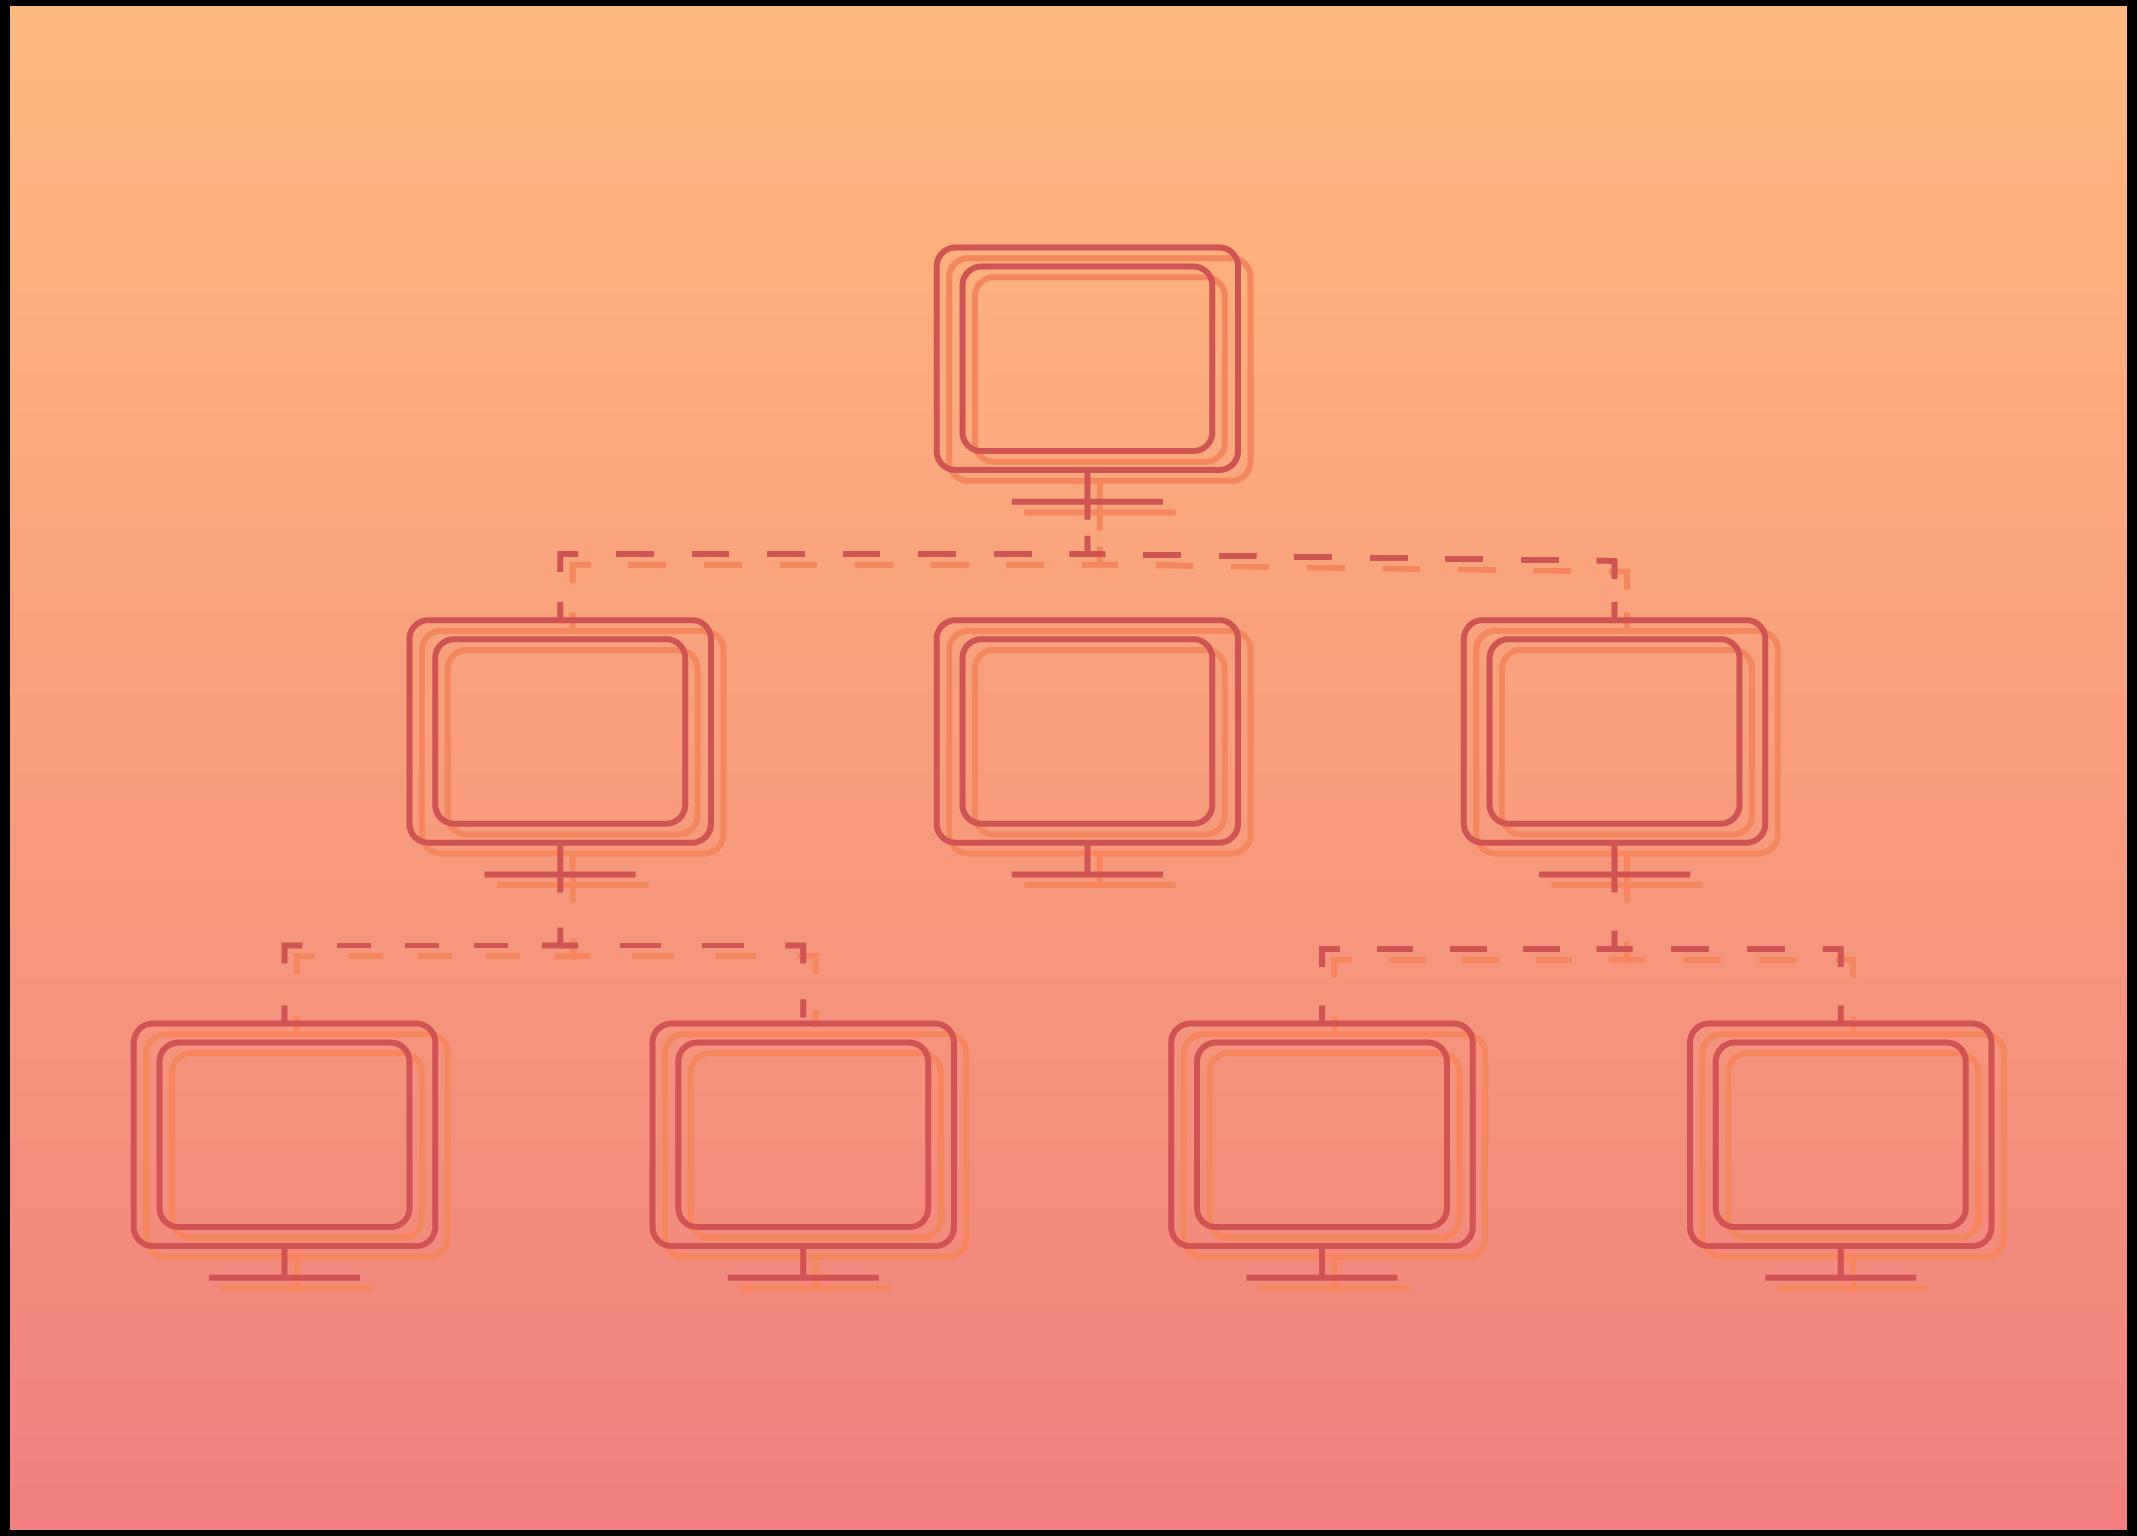 Logiciel de gestion de processus en ligne